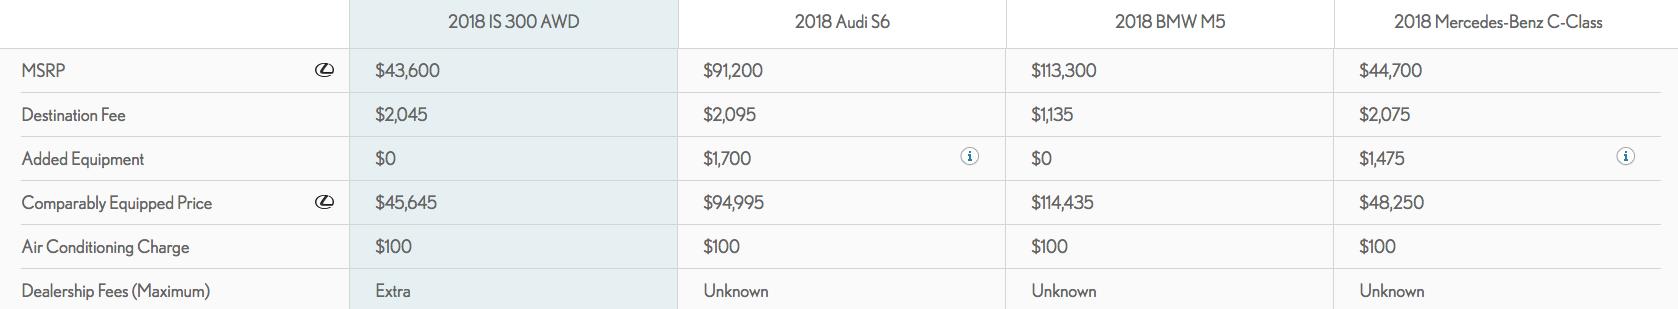 Calgary Luxury Sedan Pricing